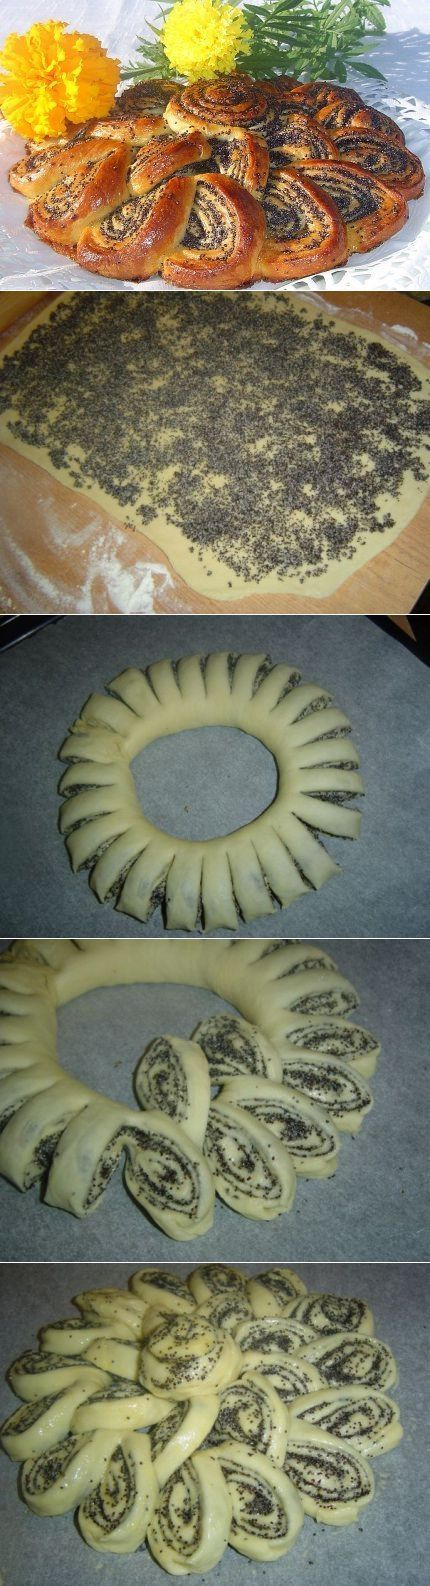 Очень эффектный пирог-рулет с маком, да еще и вкусный!